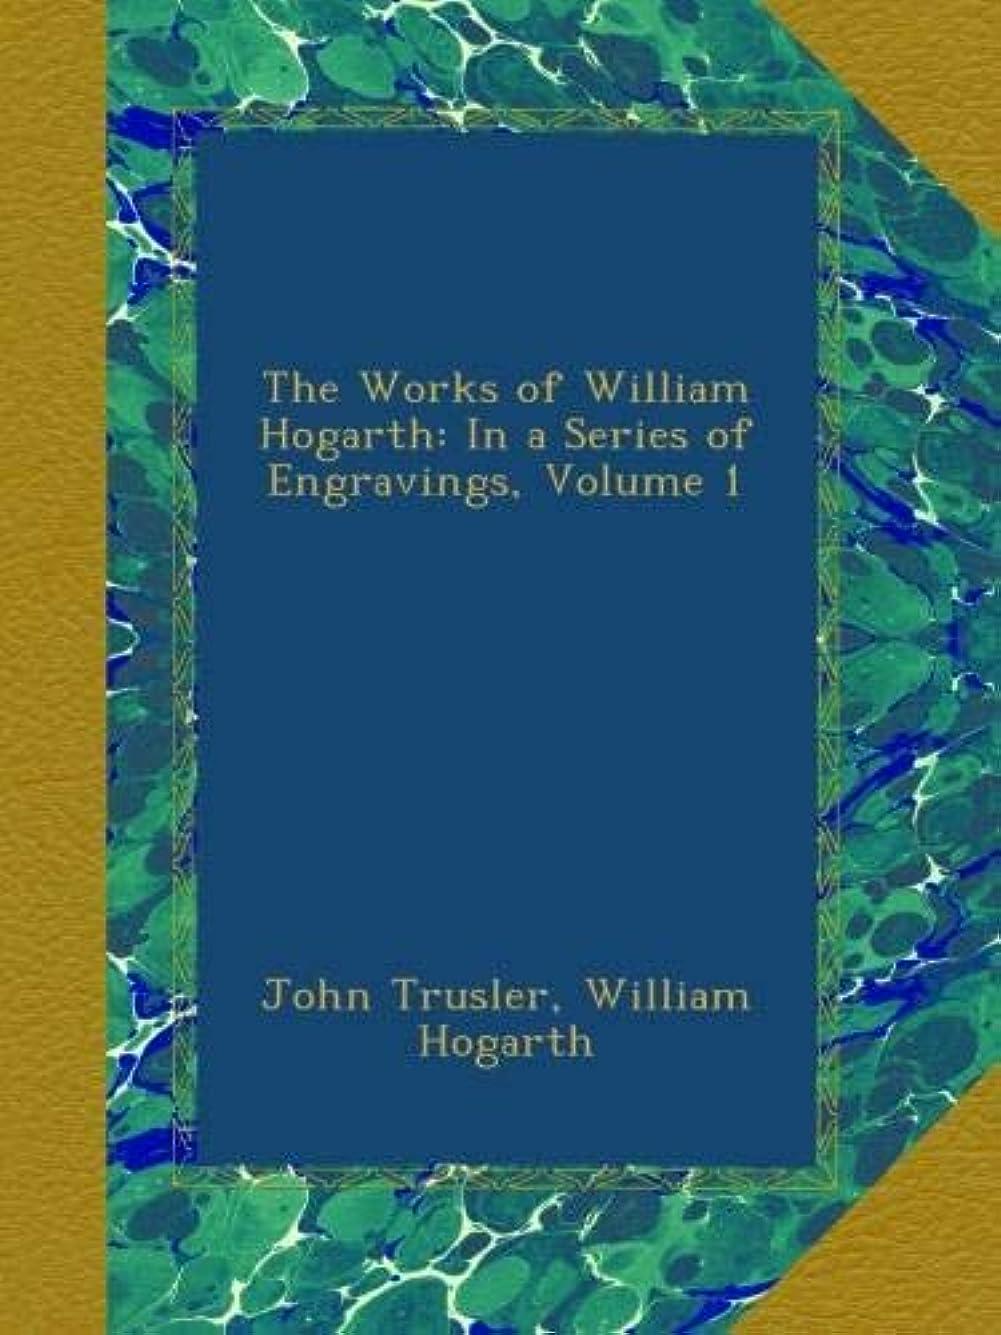 アレルギー努力する予知The Works of William Hogarth: In a Series of Engravings, Volume 1